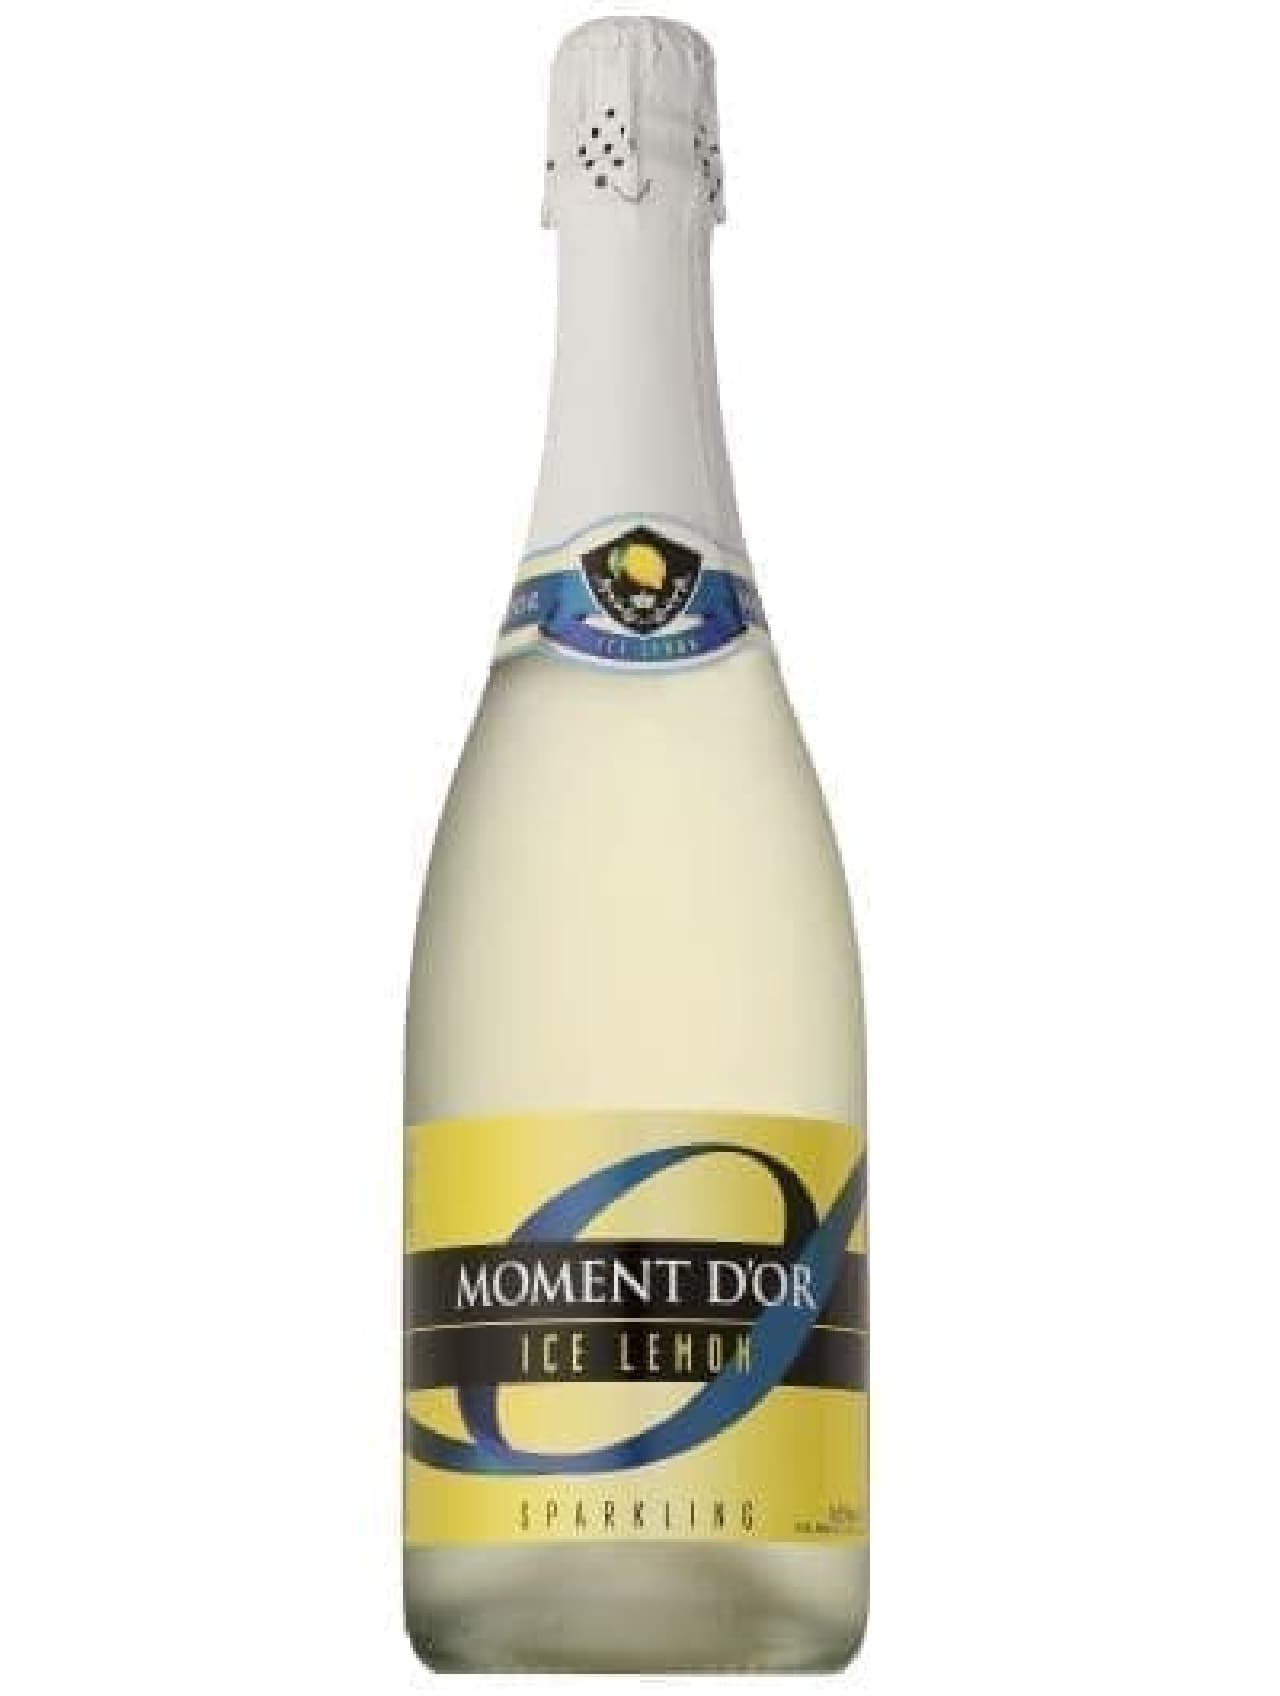 サントリー「モマンドール アイスレモン」